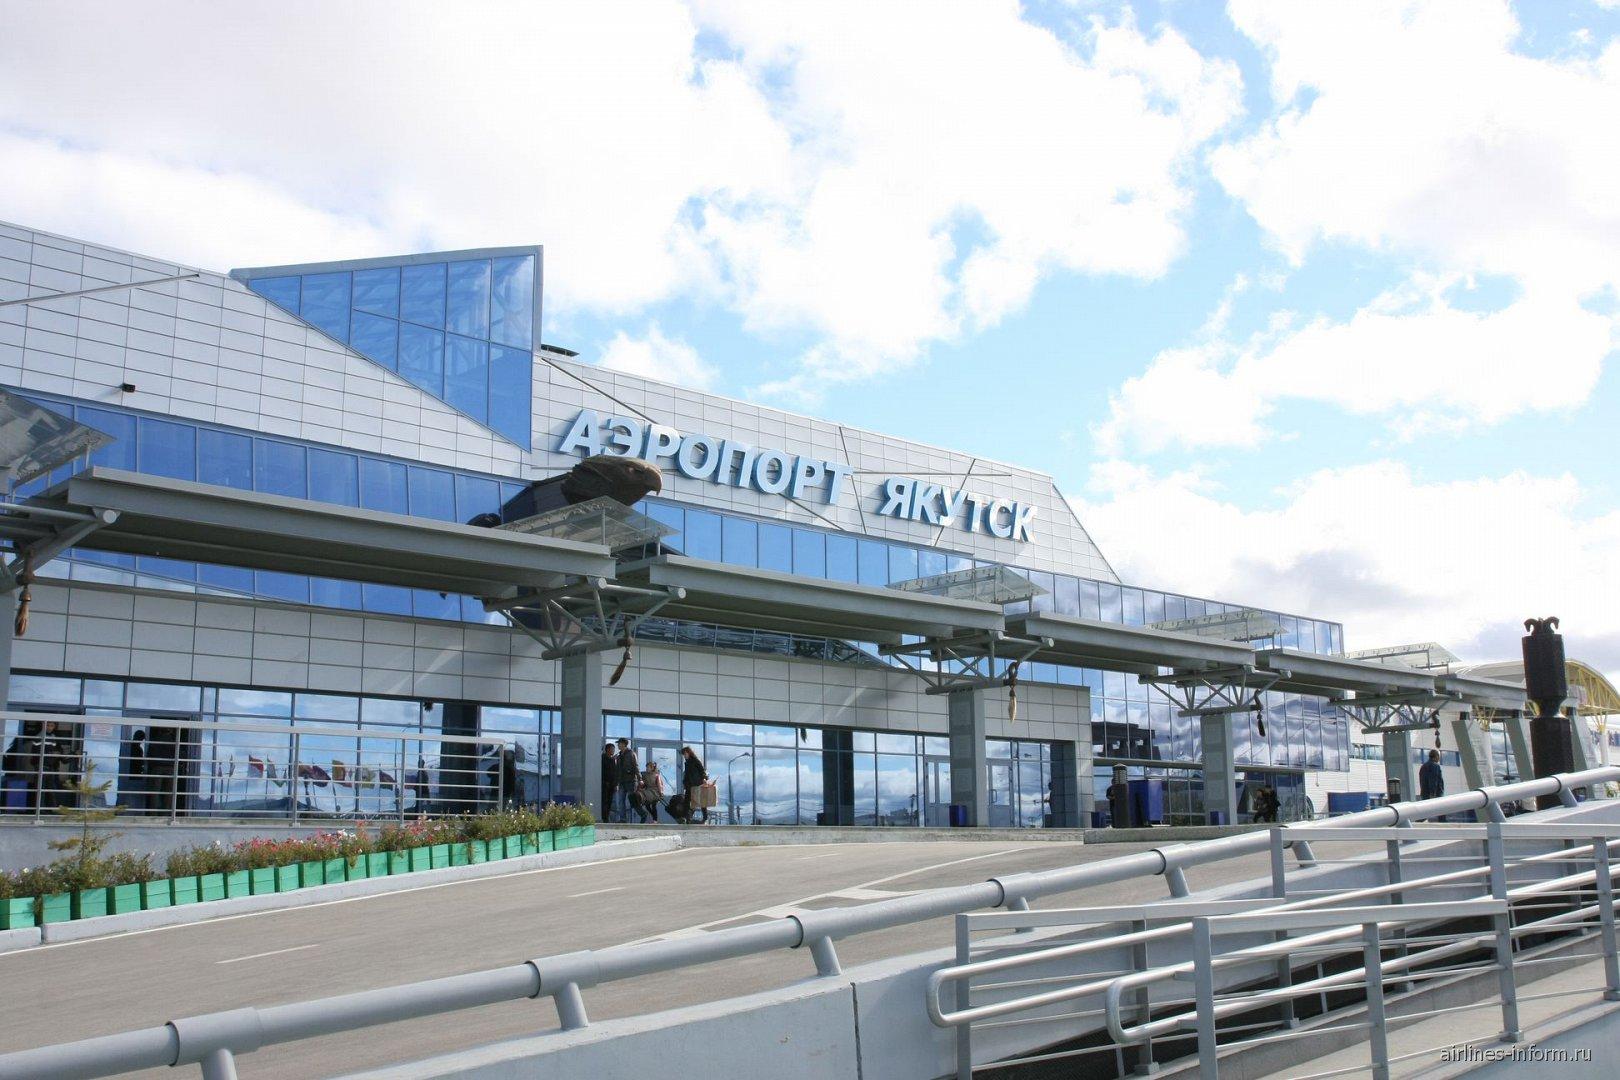 Аэровокзал аэропорта Якутск